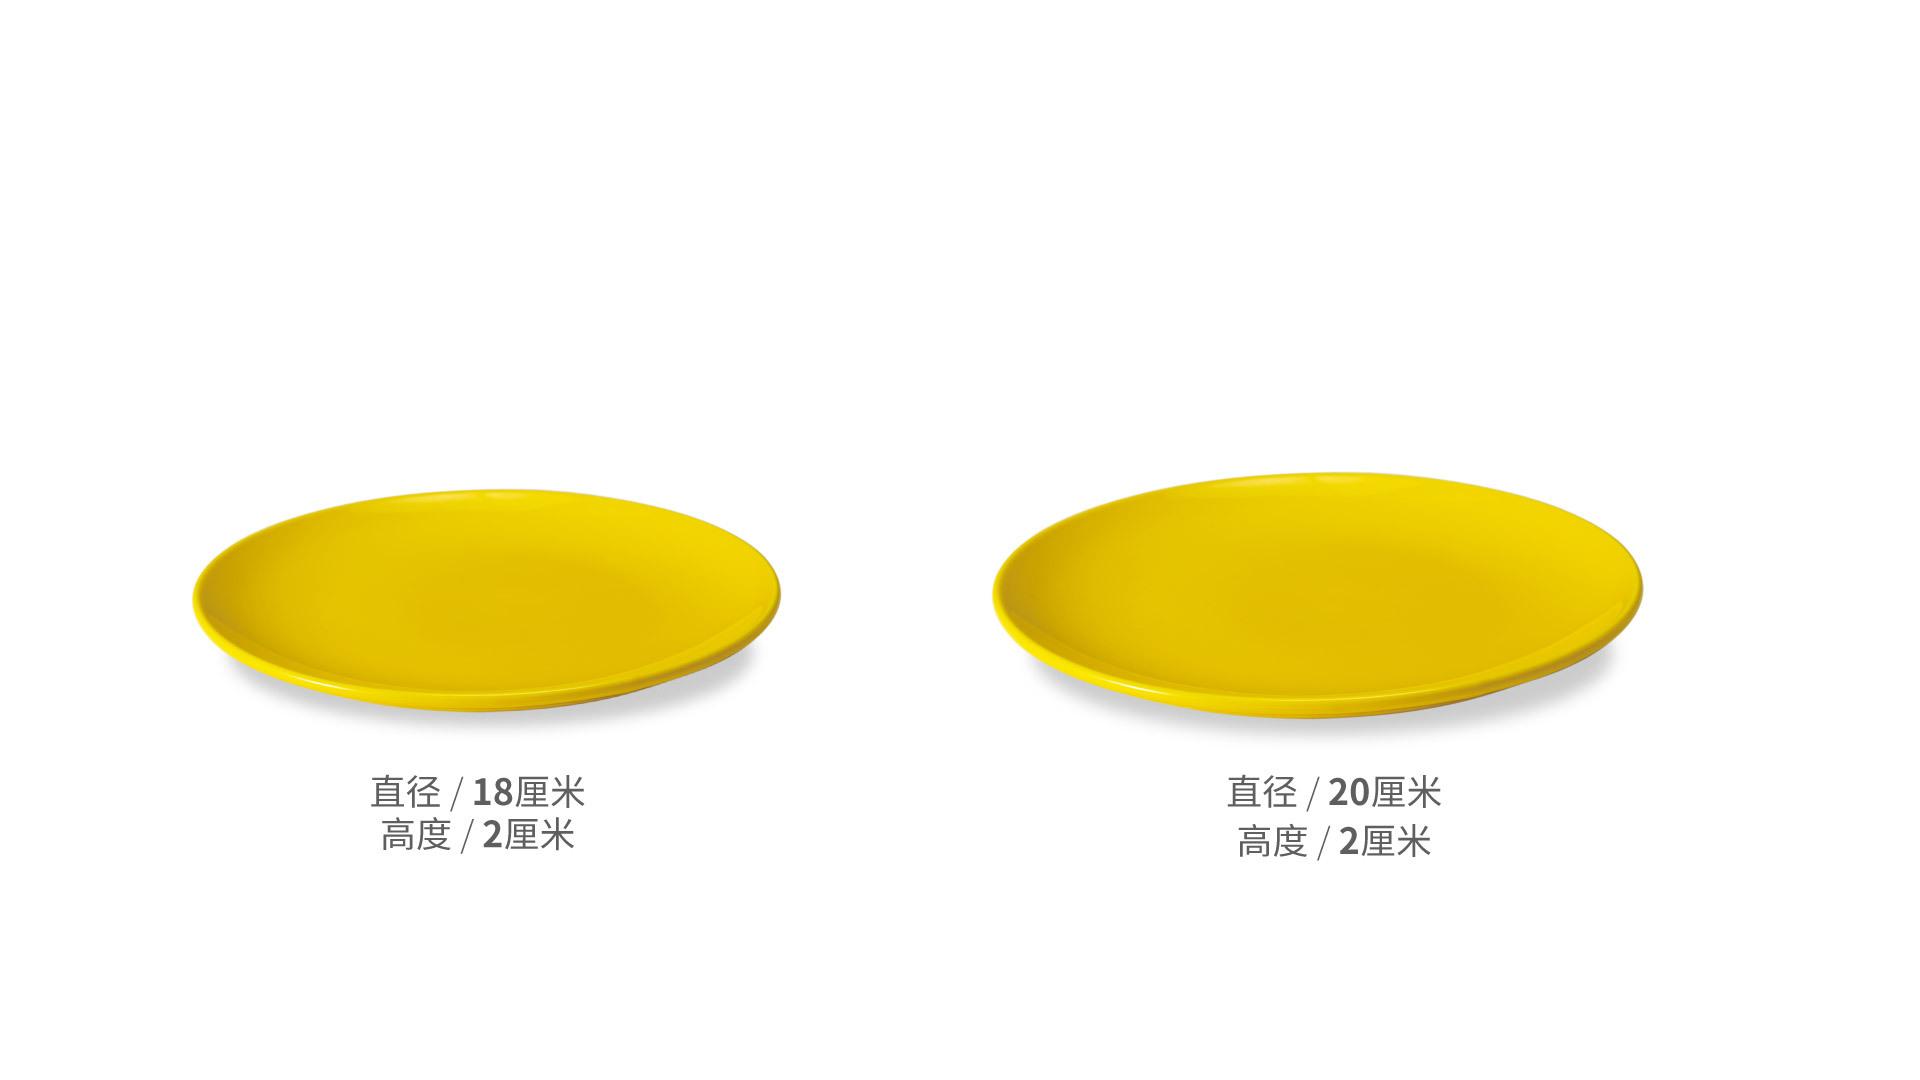 吴冠中艺术瓷餐具组-白桦林纯色盘套装餐具效果图